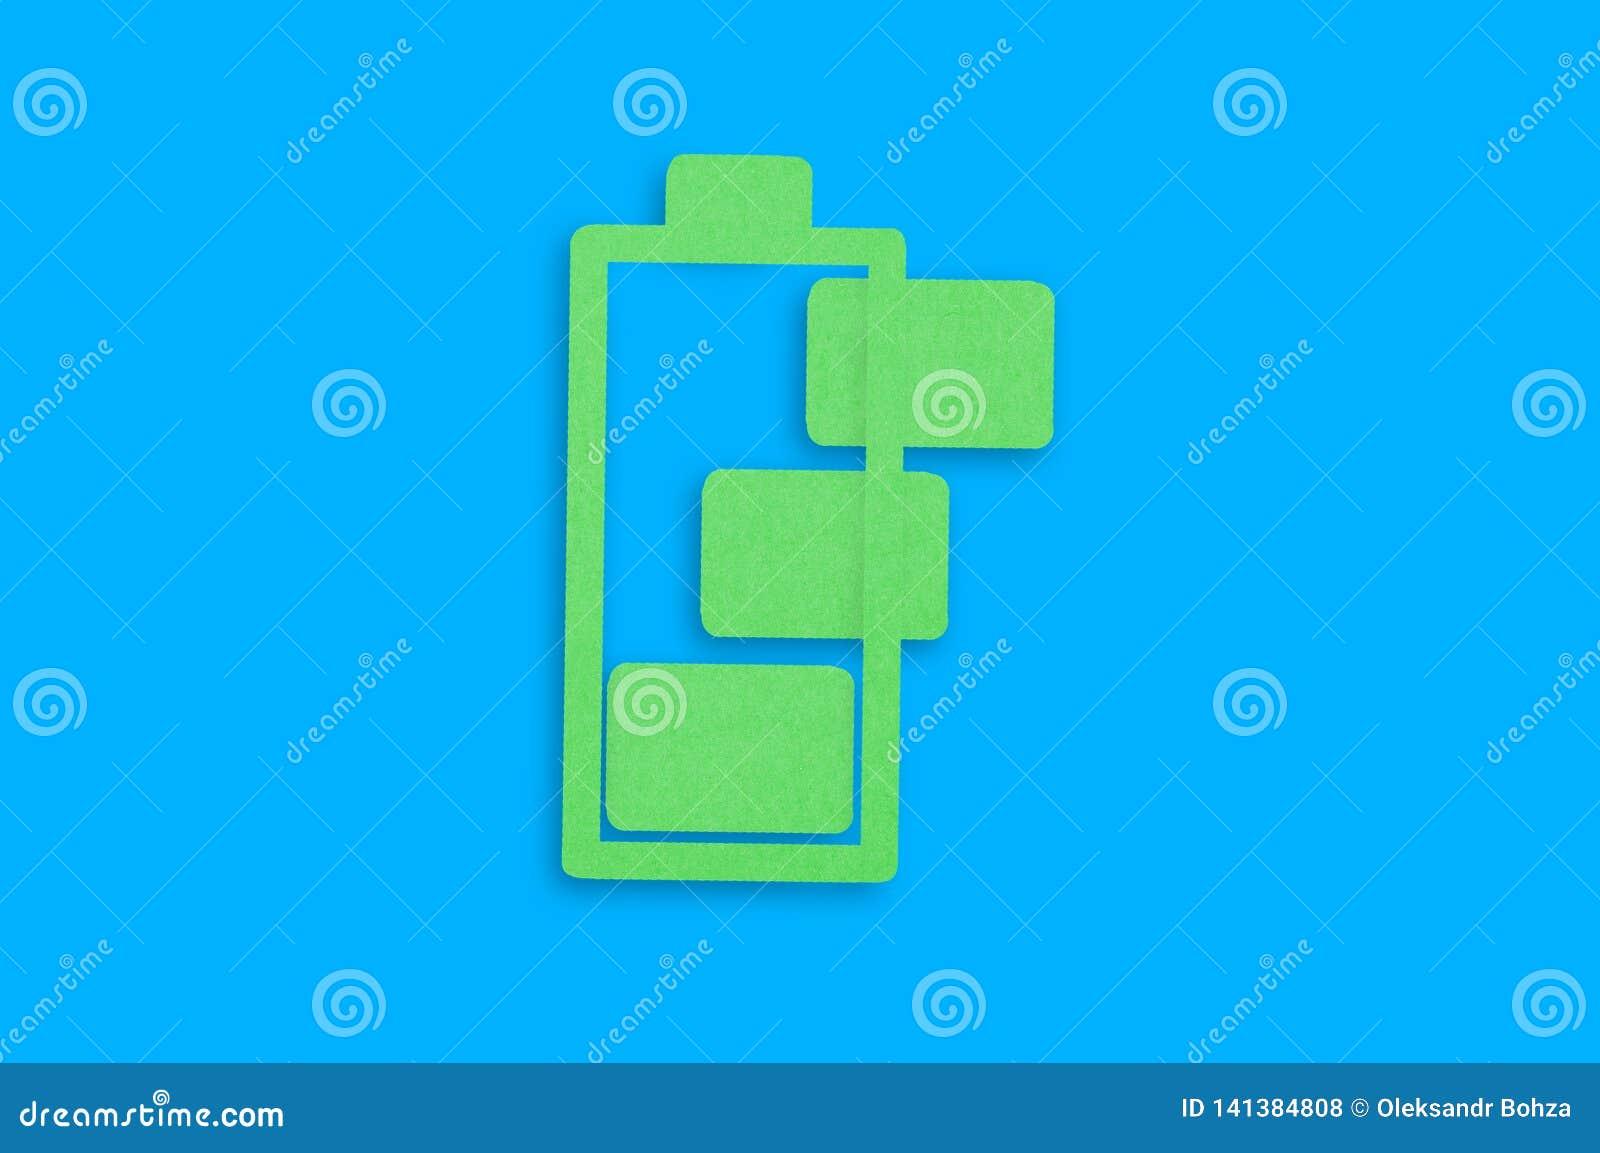 Met de hand gemaakt document pictogram van het belasten van batterij met groene cellen in centrum van blauwe lijst Hoogste mening